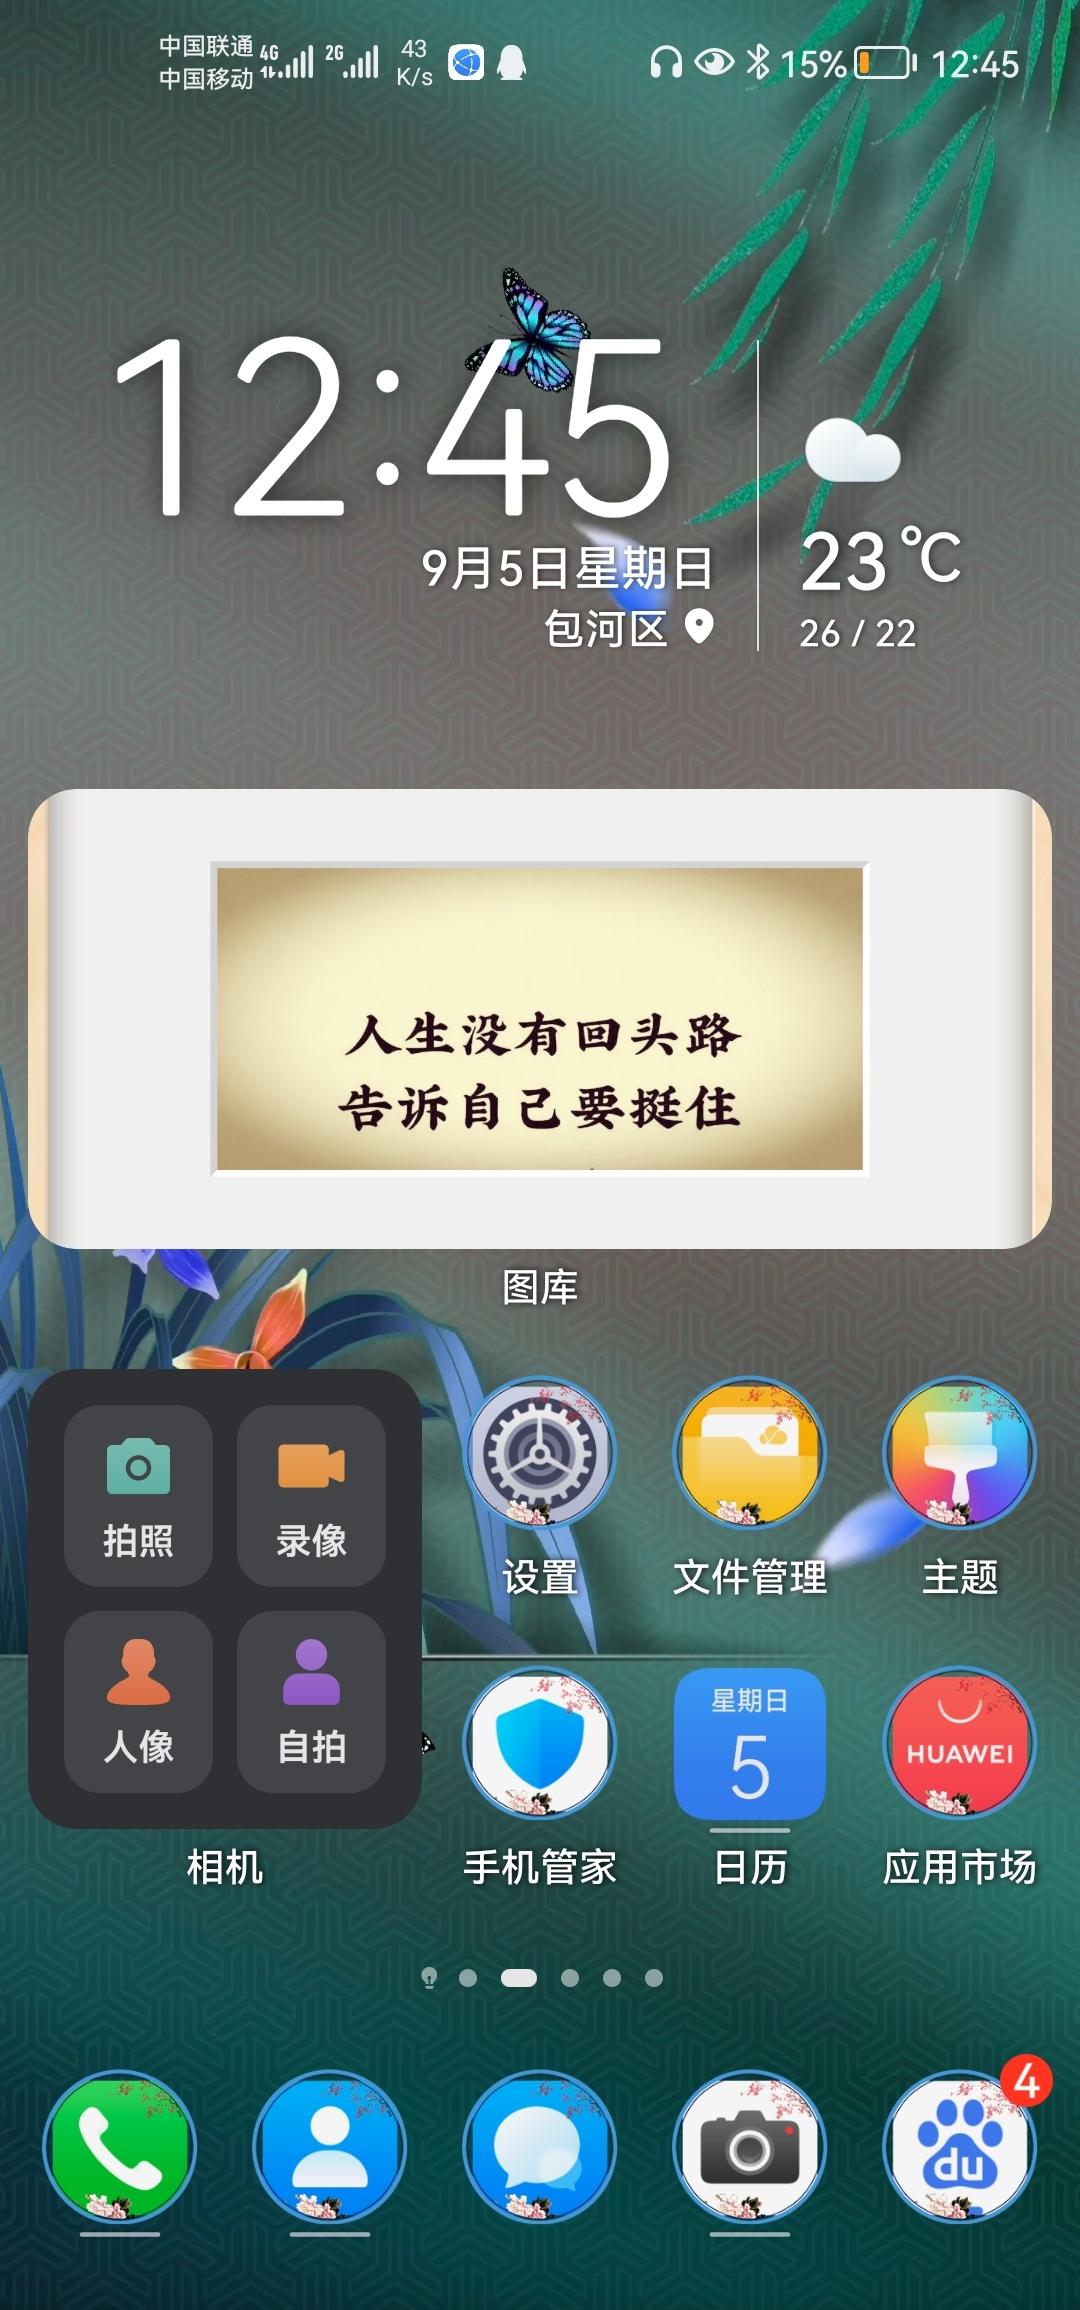 Screenshot_20210905_124523_com.huawei.android.launcher.jpg